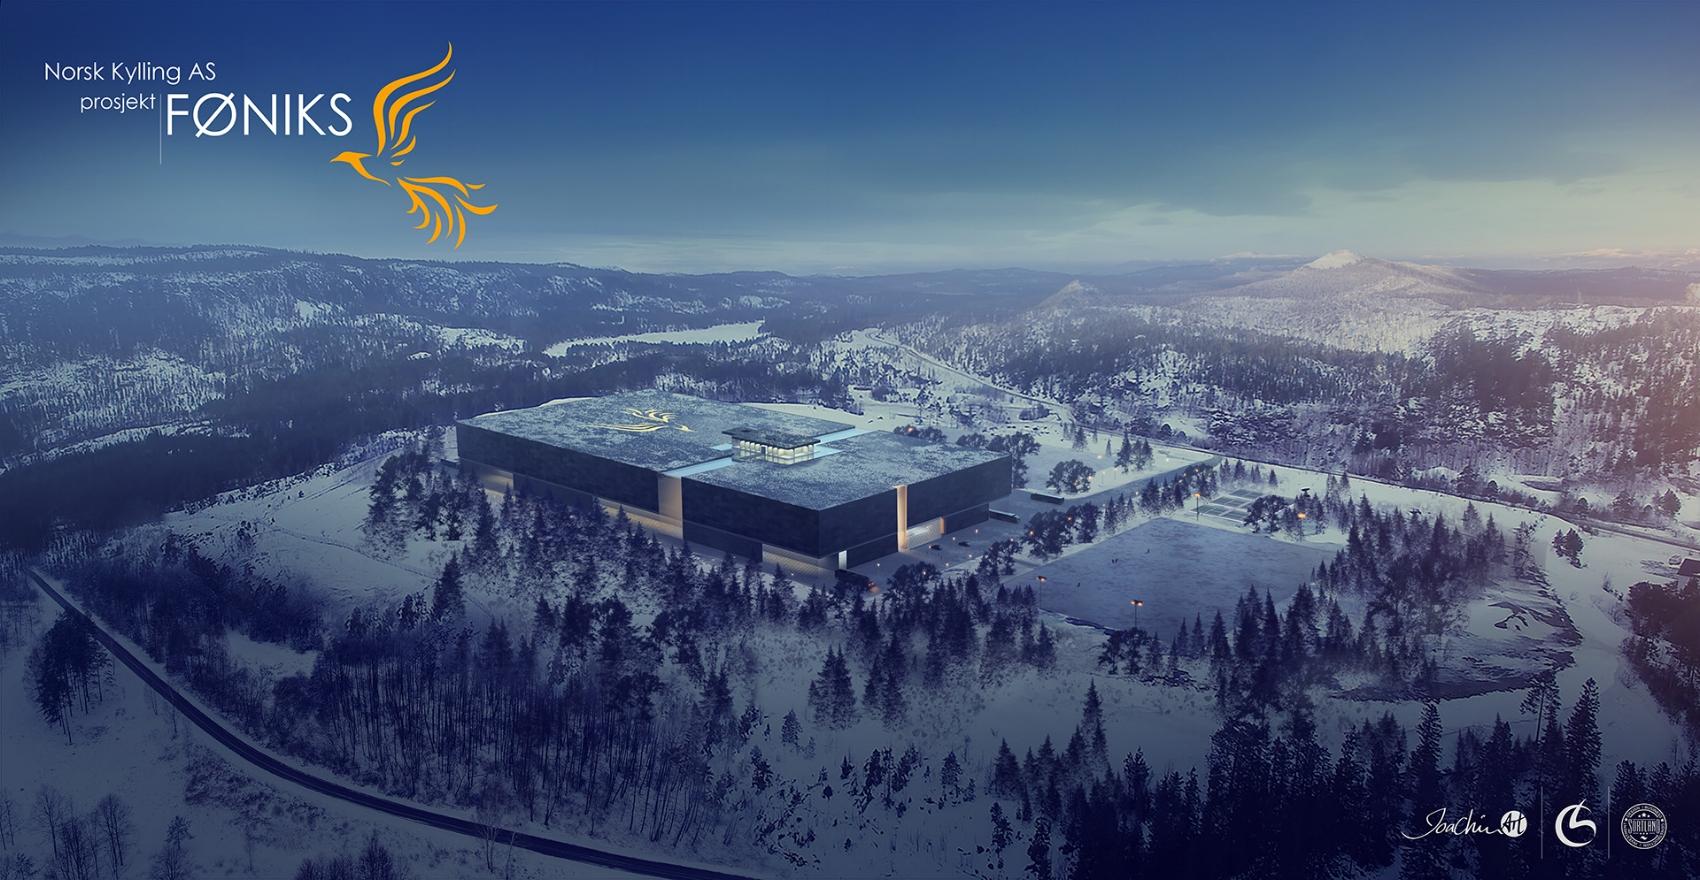 Prosjekt Føniks - Norsk Kylling AS - nytt næringsbygg/industri i Trondheim - 2017  Arkitekt: Cleve Broch AS  ca 40.000m2